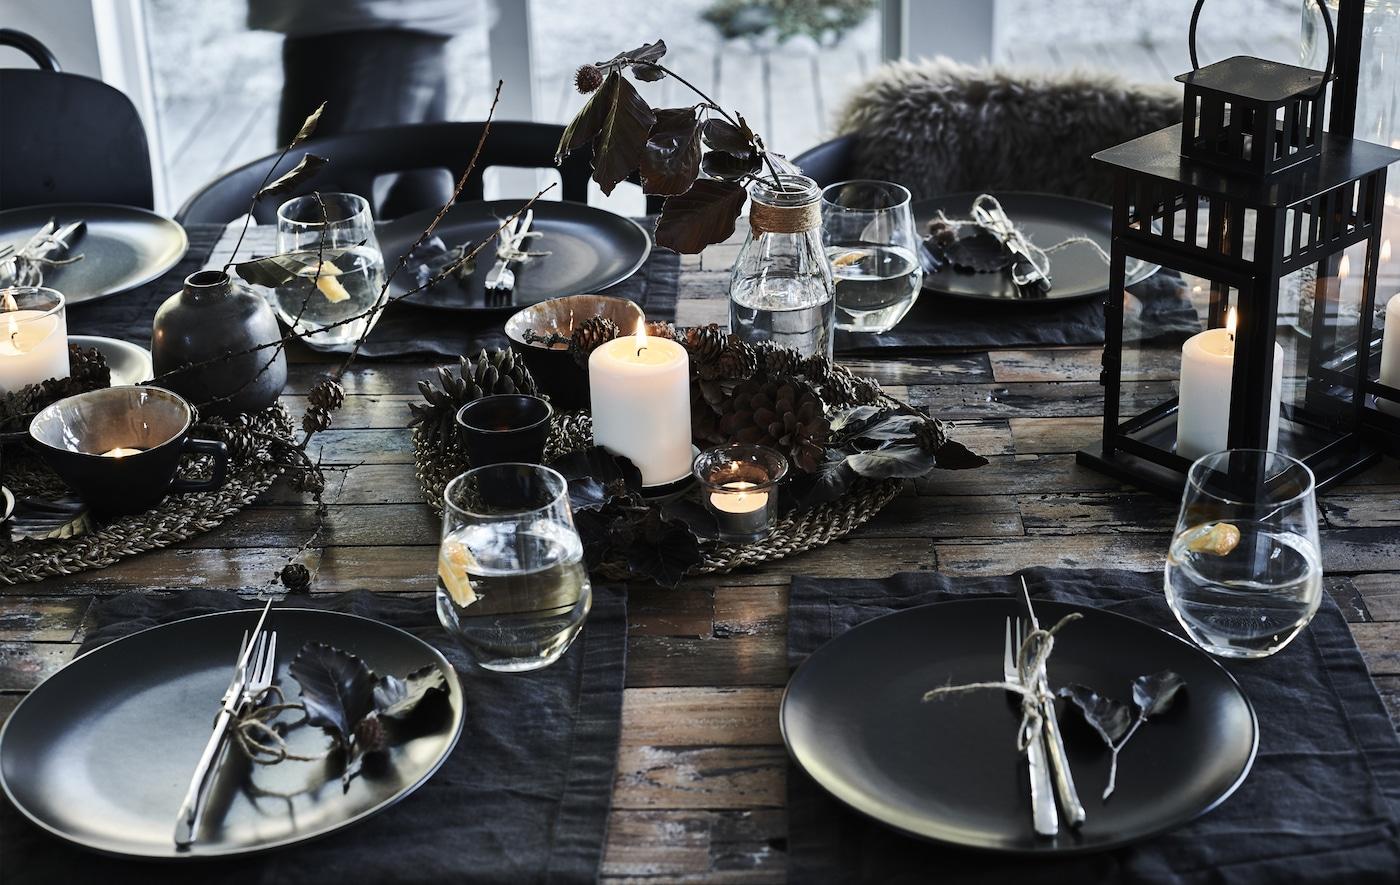 Platos negros, cubiertos de acero, copas y un centro creado con una vela gruesa encendida y piñas sobre un mantel de tela.